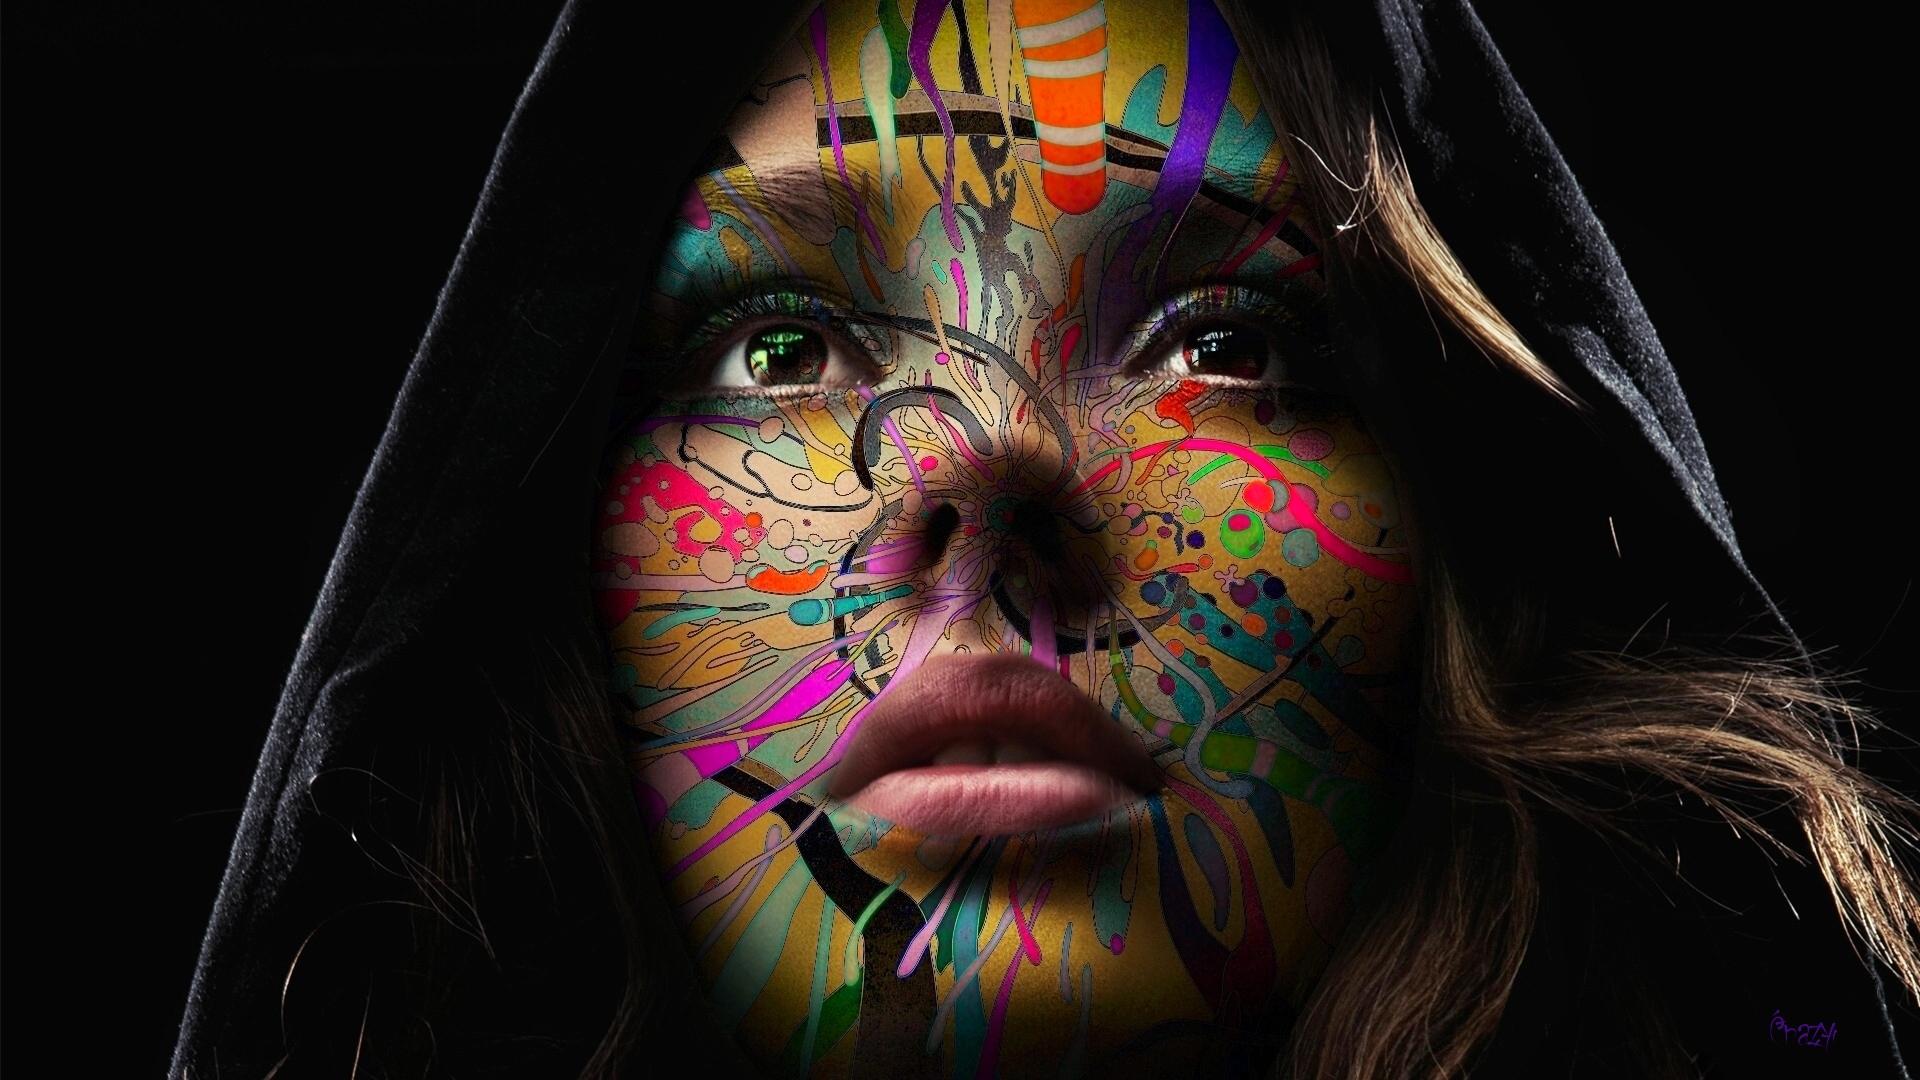 Der Körper schreit das aus was der Mund nicht ausspricht: Krebs tötet wenn man vom Leben ermüdet ist!